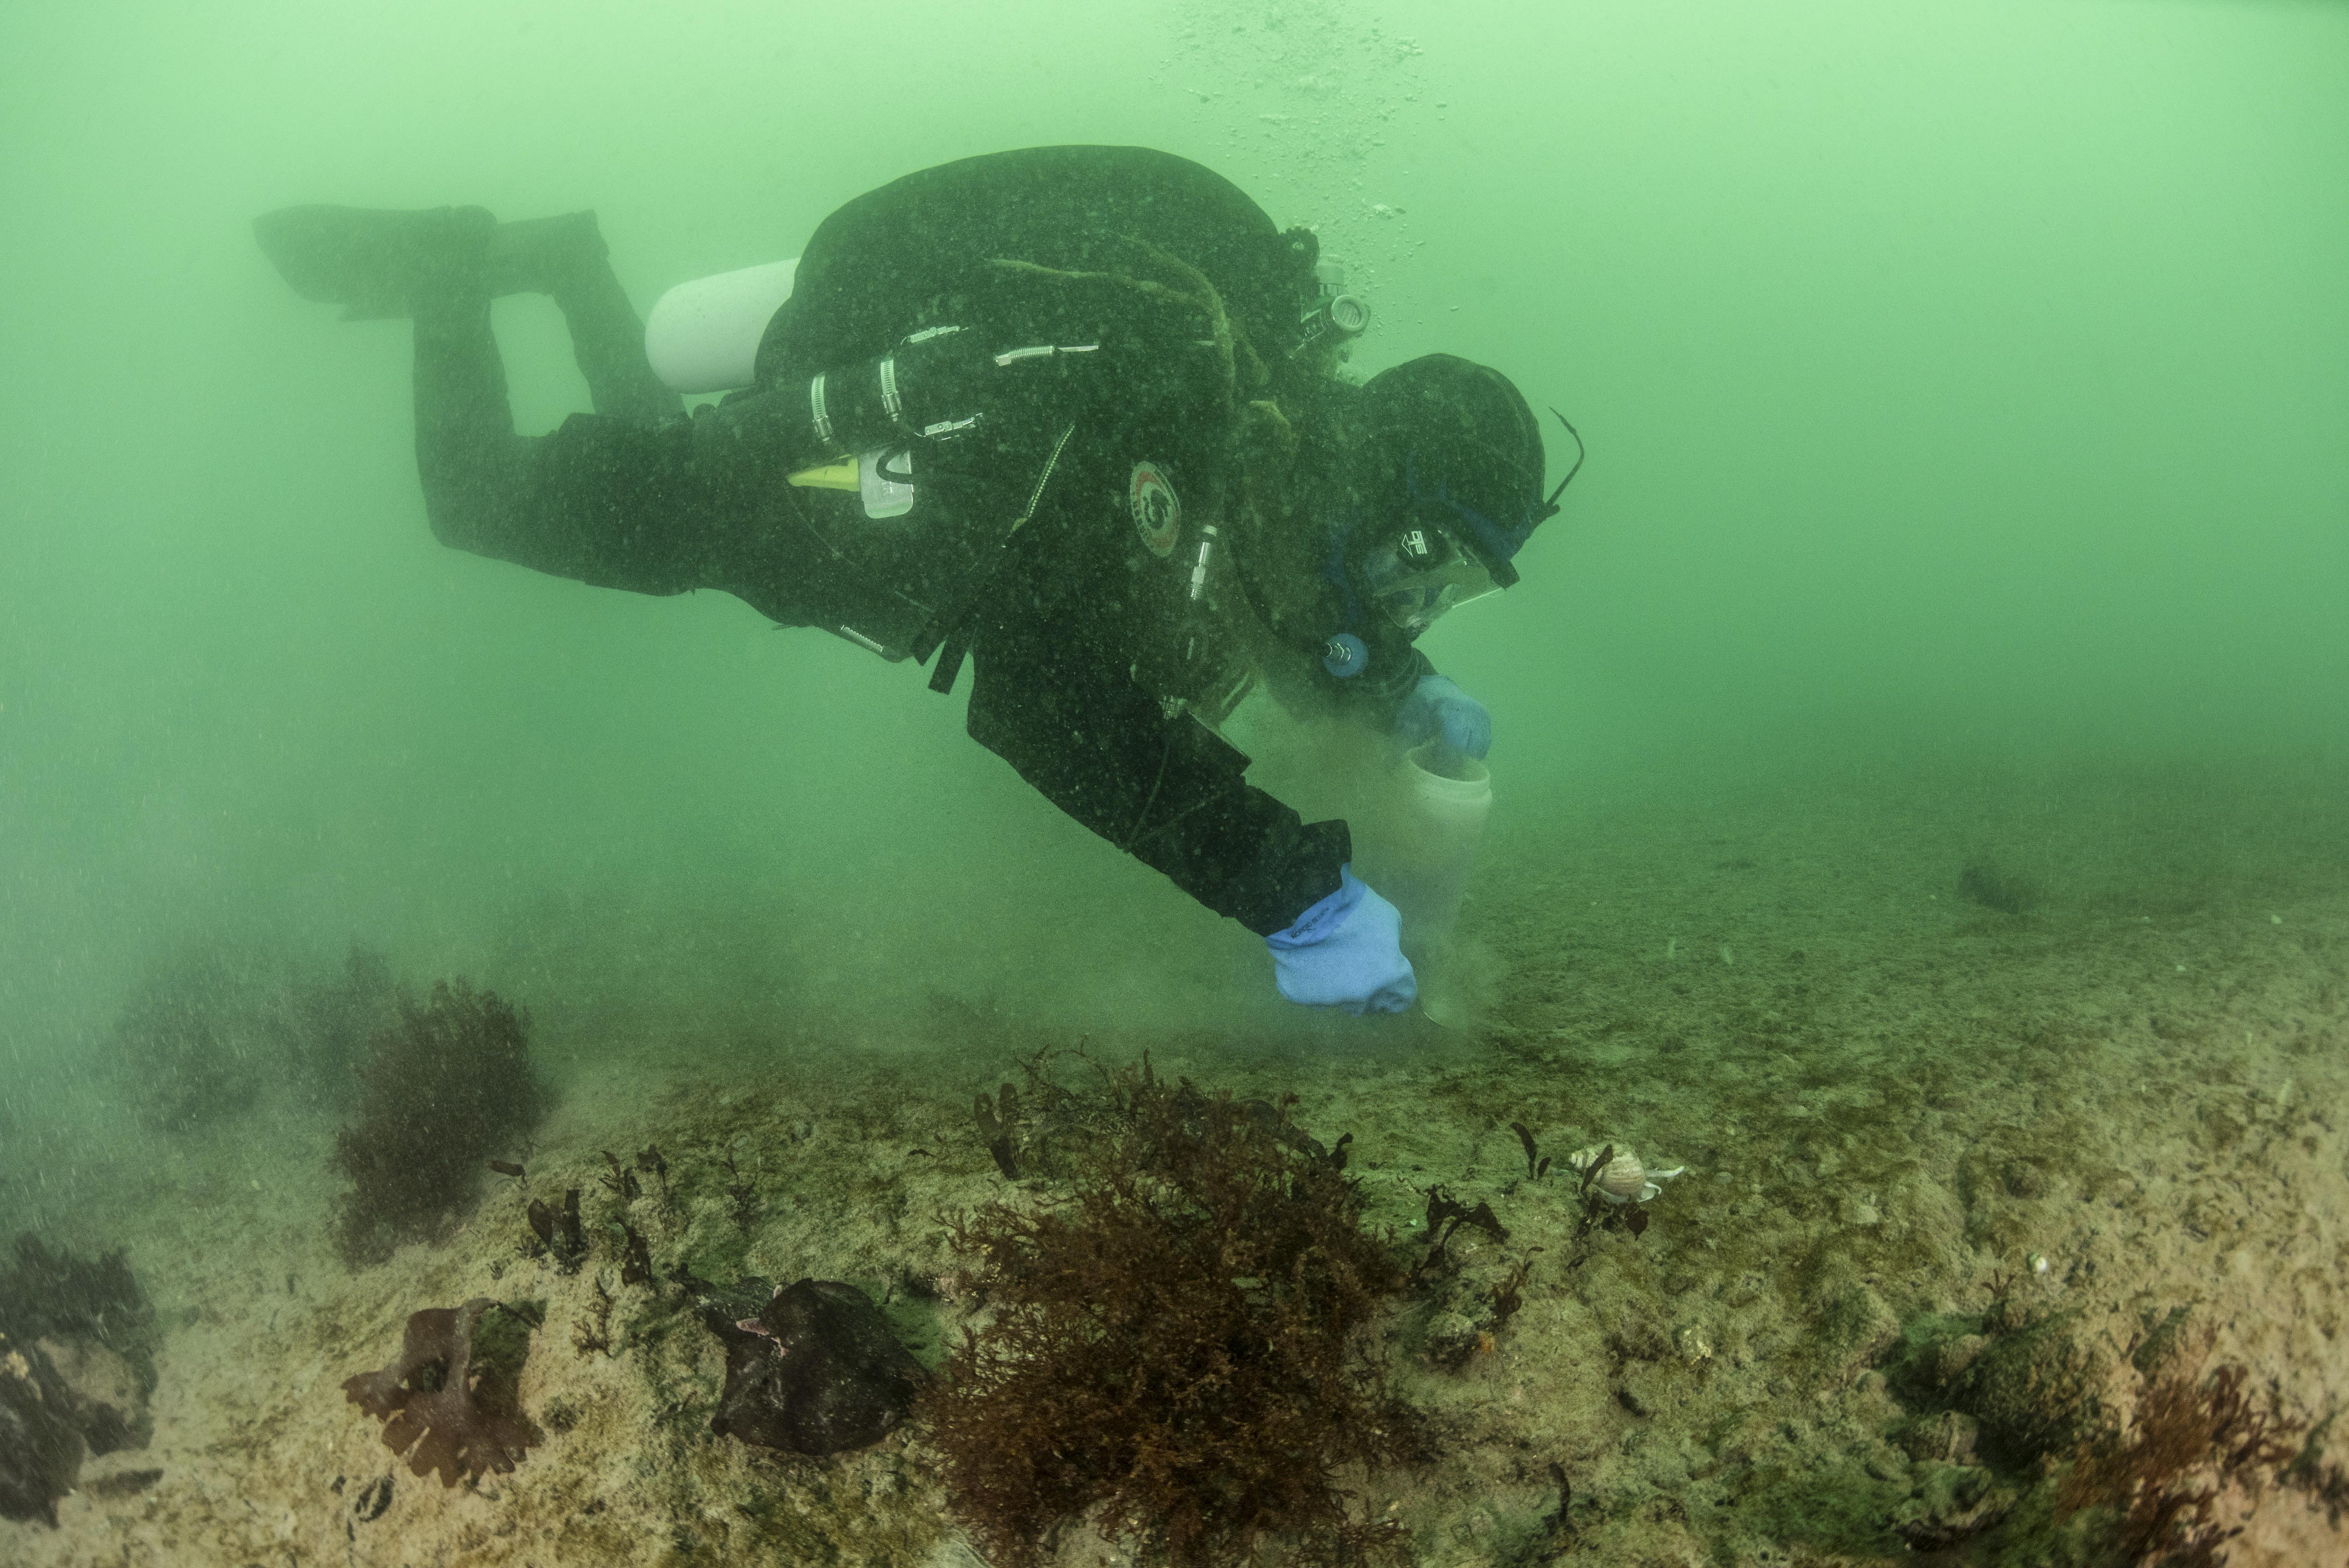 Anders Torstensson skrapar de översta millimetrarna av sedimentet för att samla bottenlevande mikroalger (de bruna fläckarna på sedimentet). Foto: Francesca Pasotti